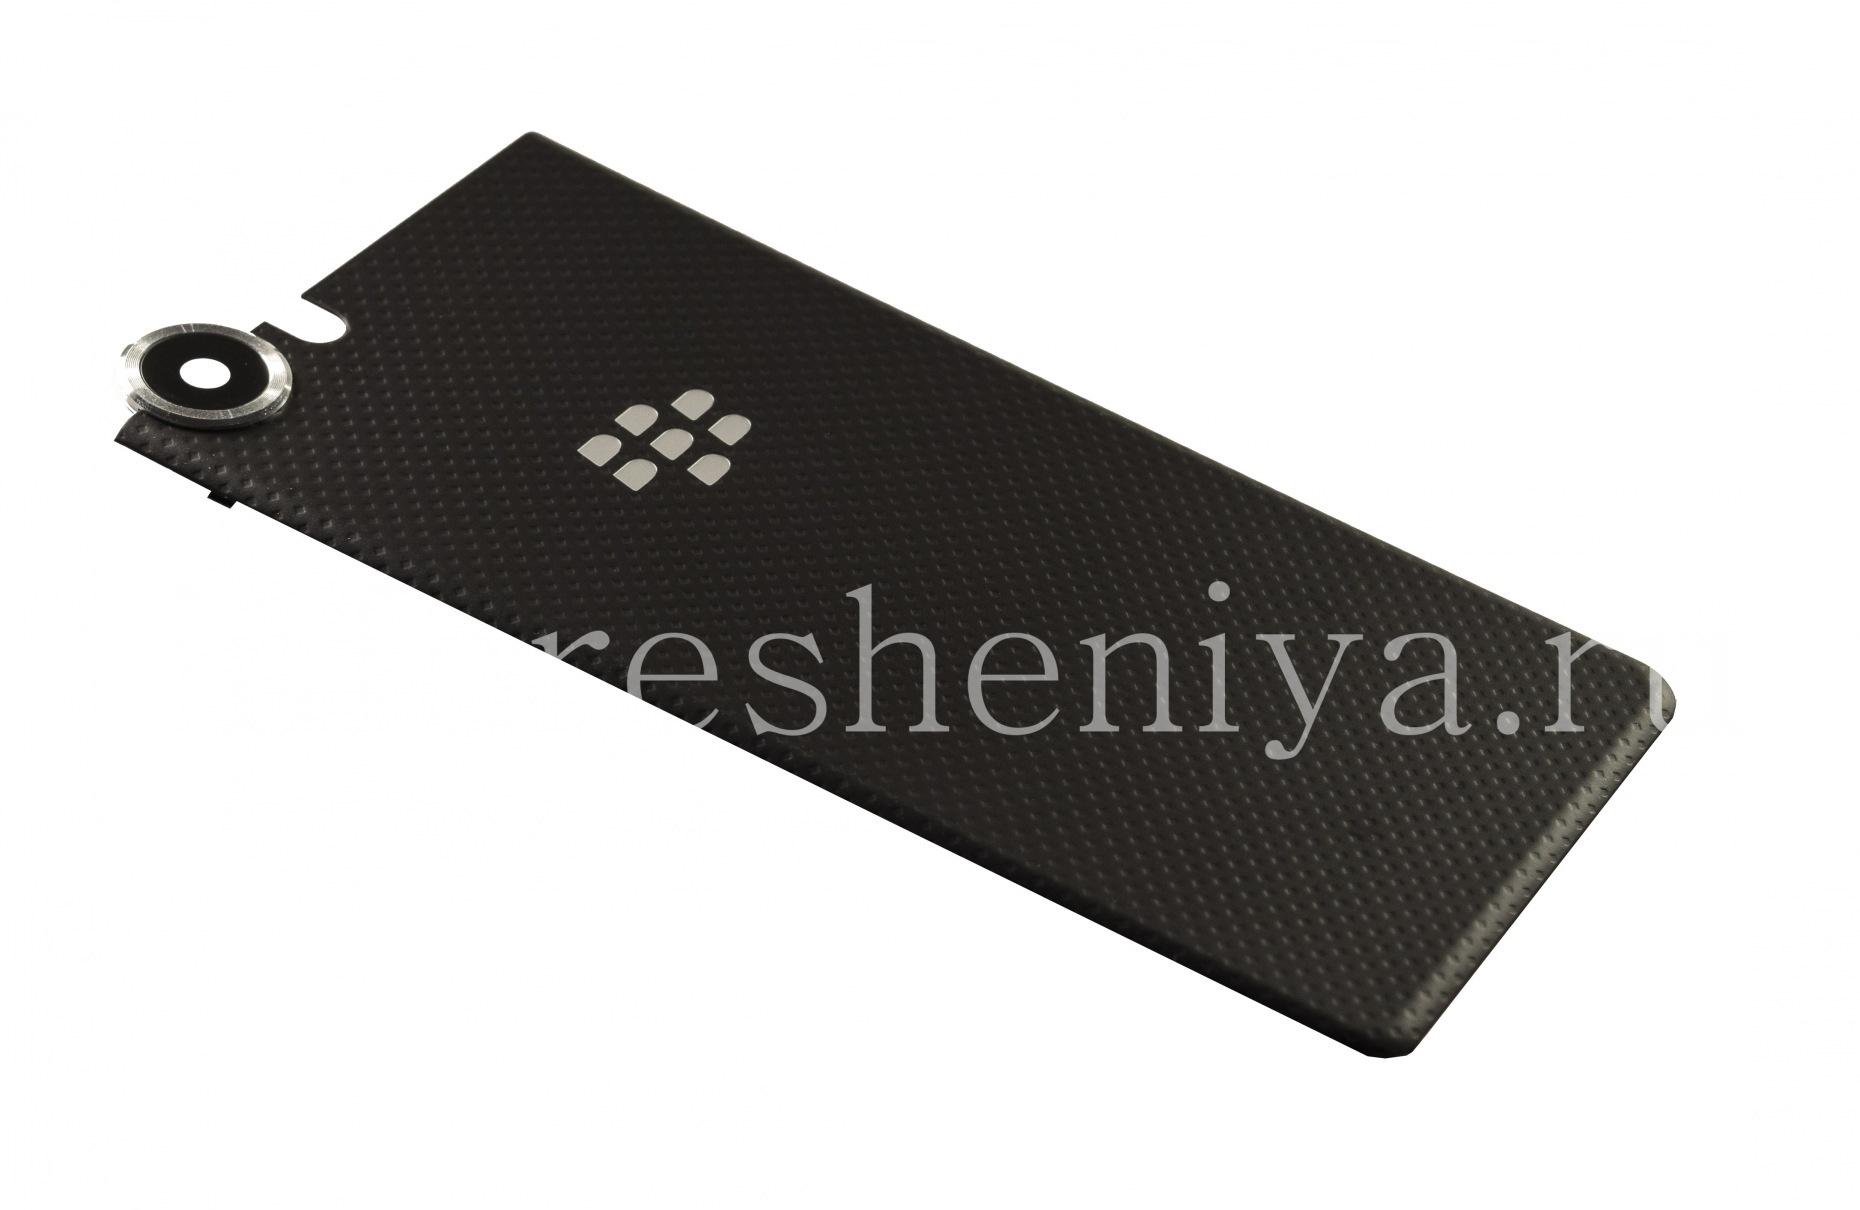 buy popular a7bd2 a3ede Original back cover for BlackBerry KEYone — Everything for BlackBerry.  InfoResheniya / bbry.net